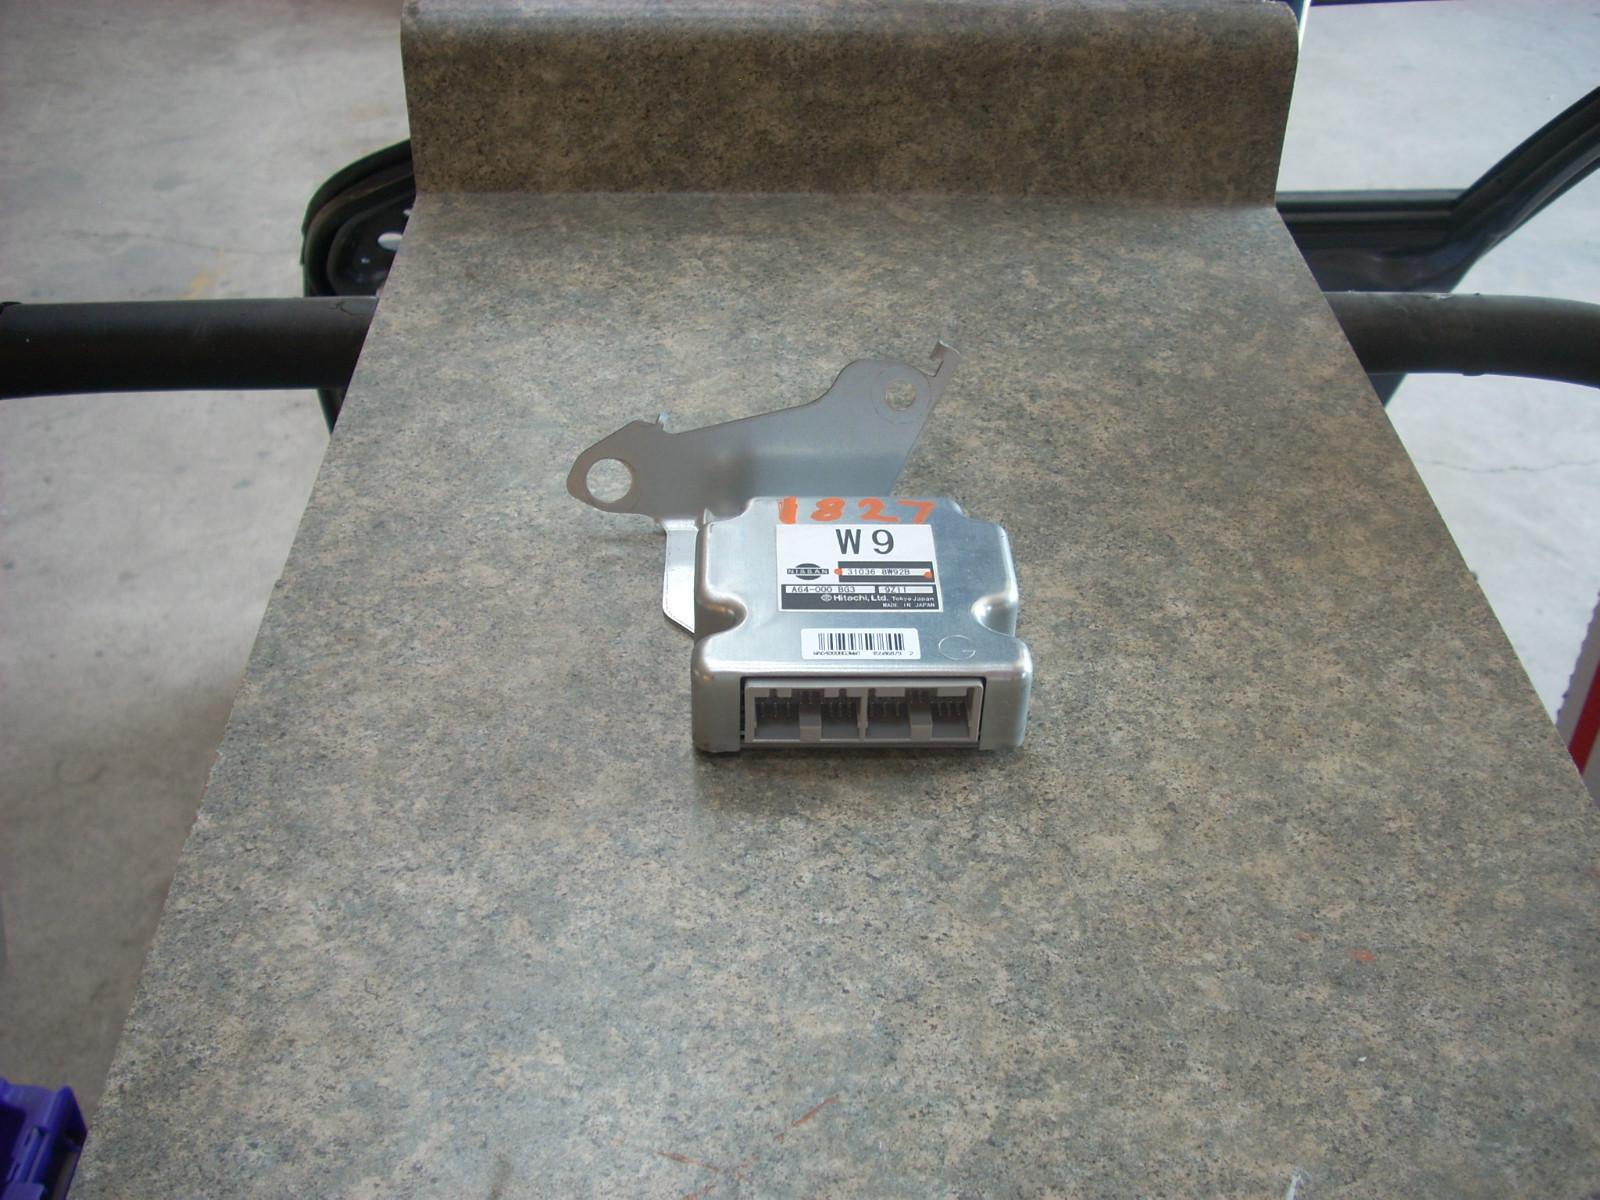 1827  transmission control module 1827 id  310368w92b